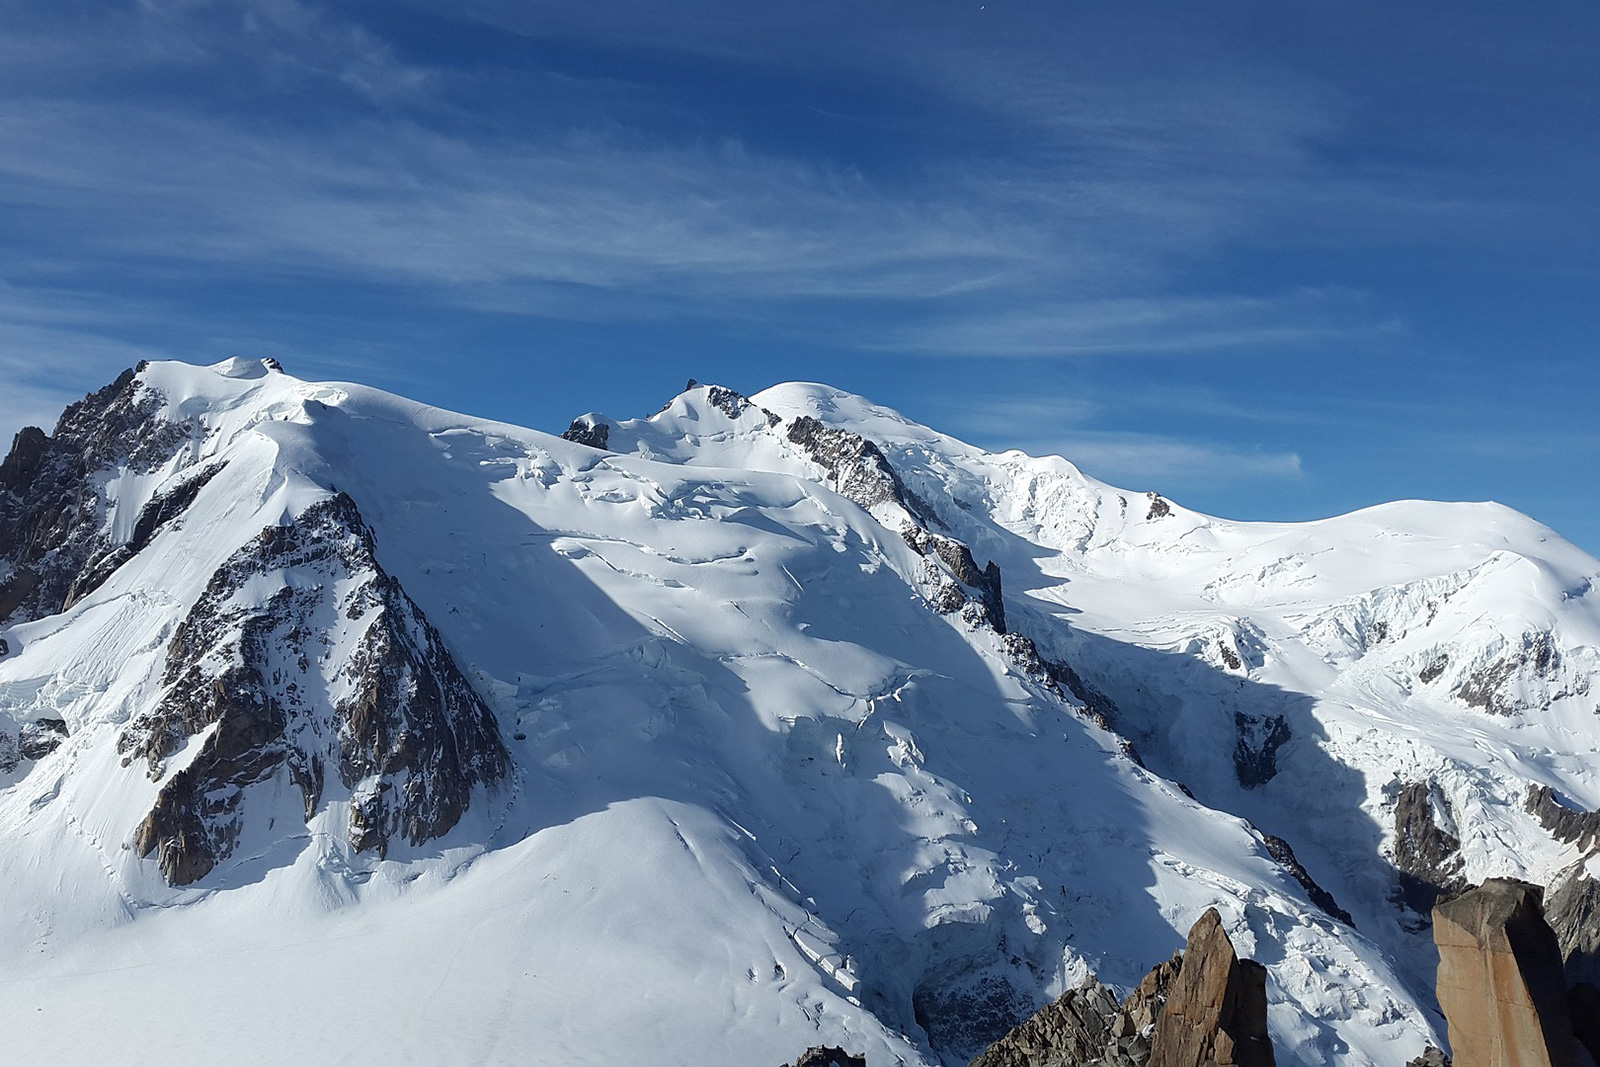 alps_mont-blanc-1602750_1920